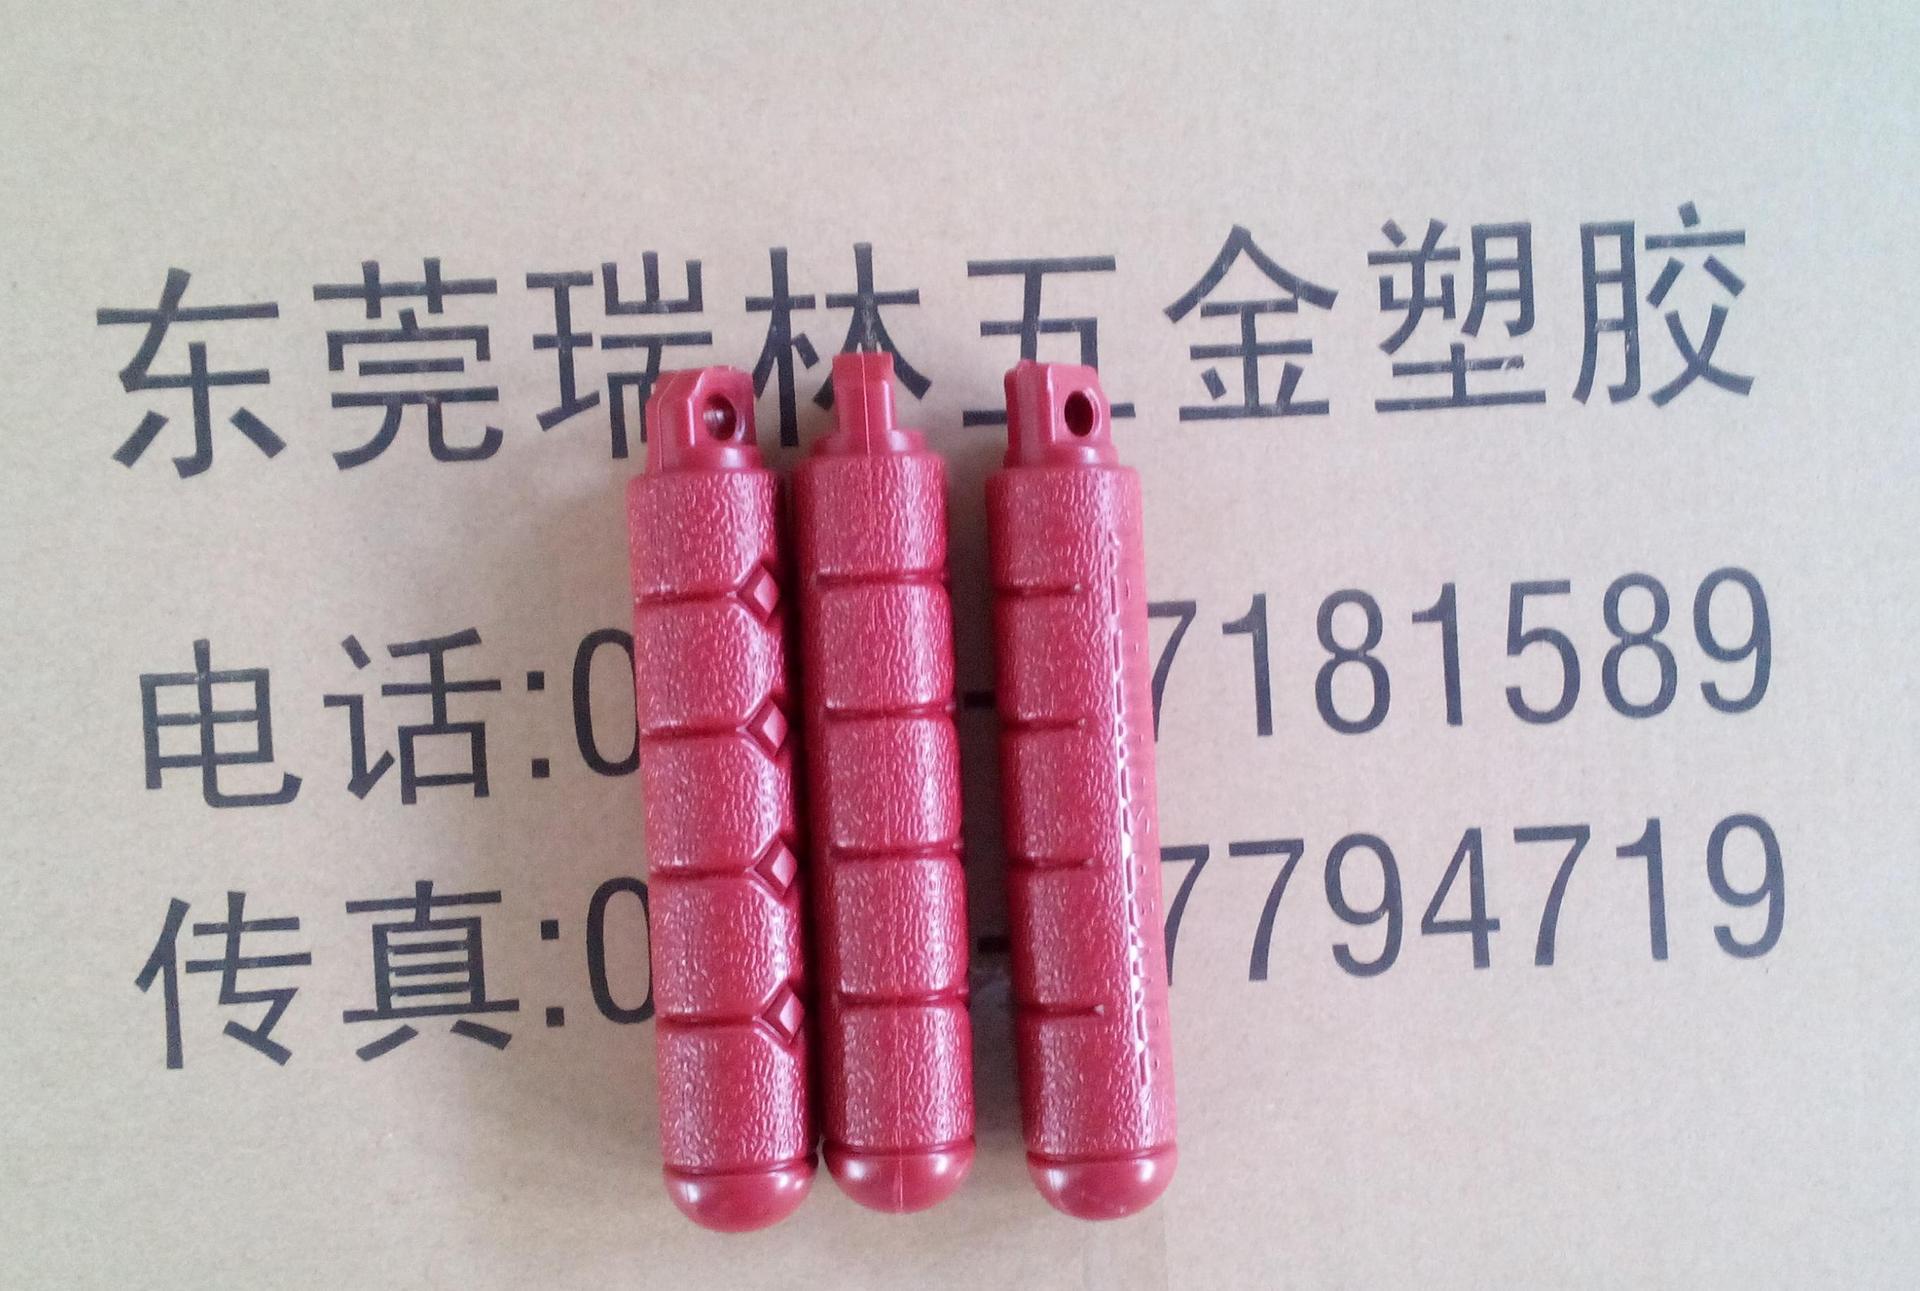 生产厂家供应吹塑产品,2014新款吹塑制品PVC小双节棍,厂家直销